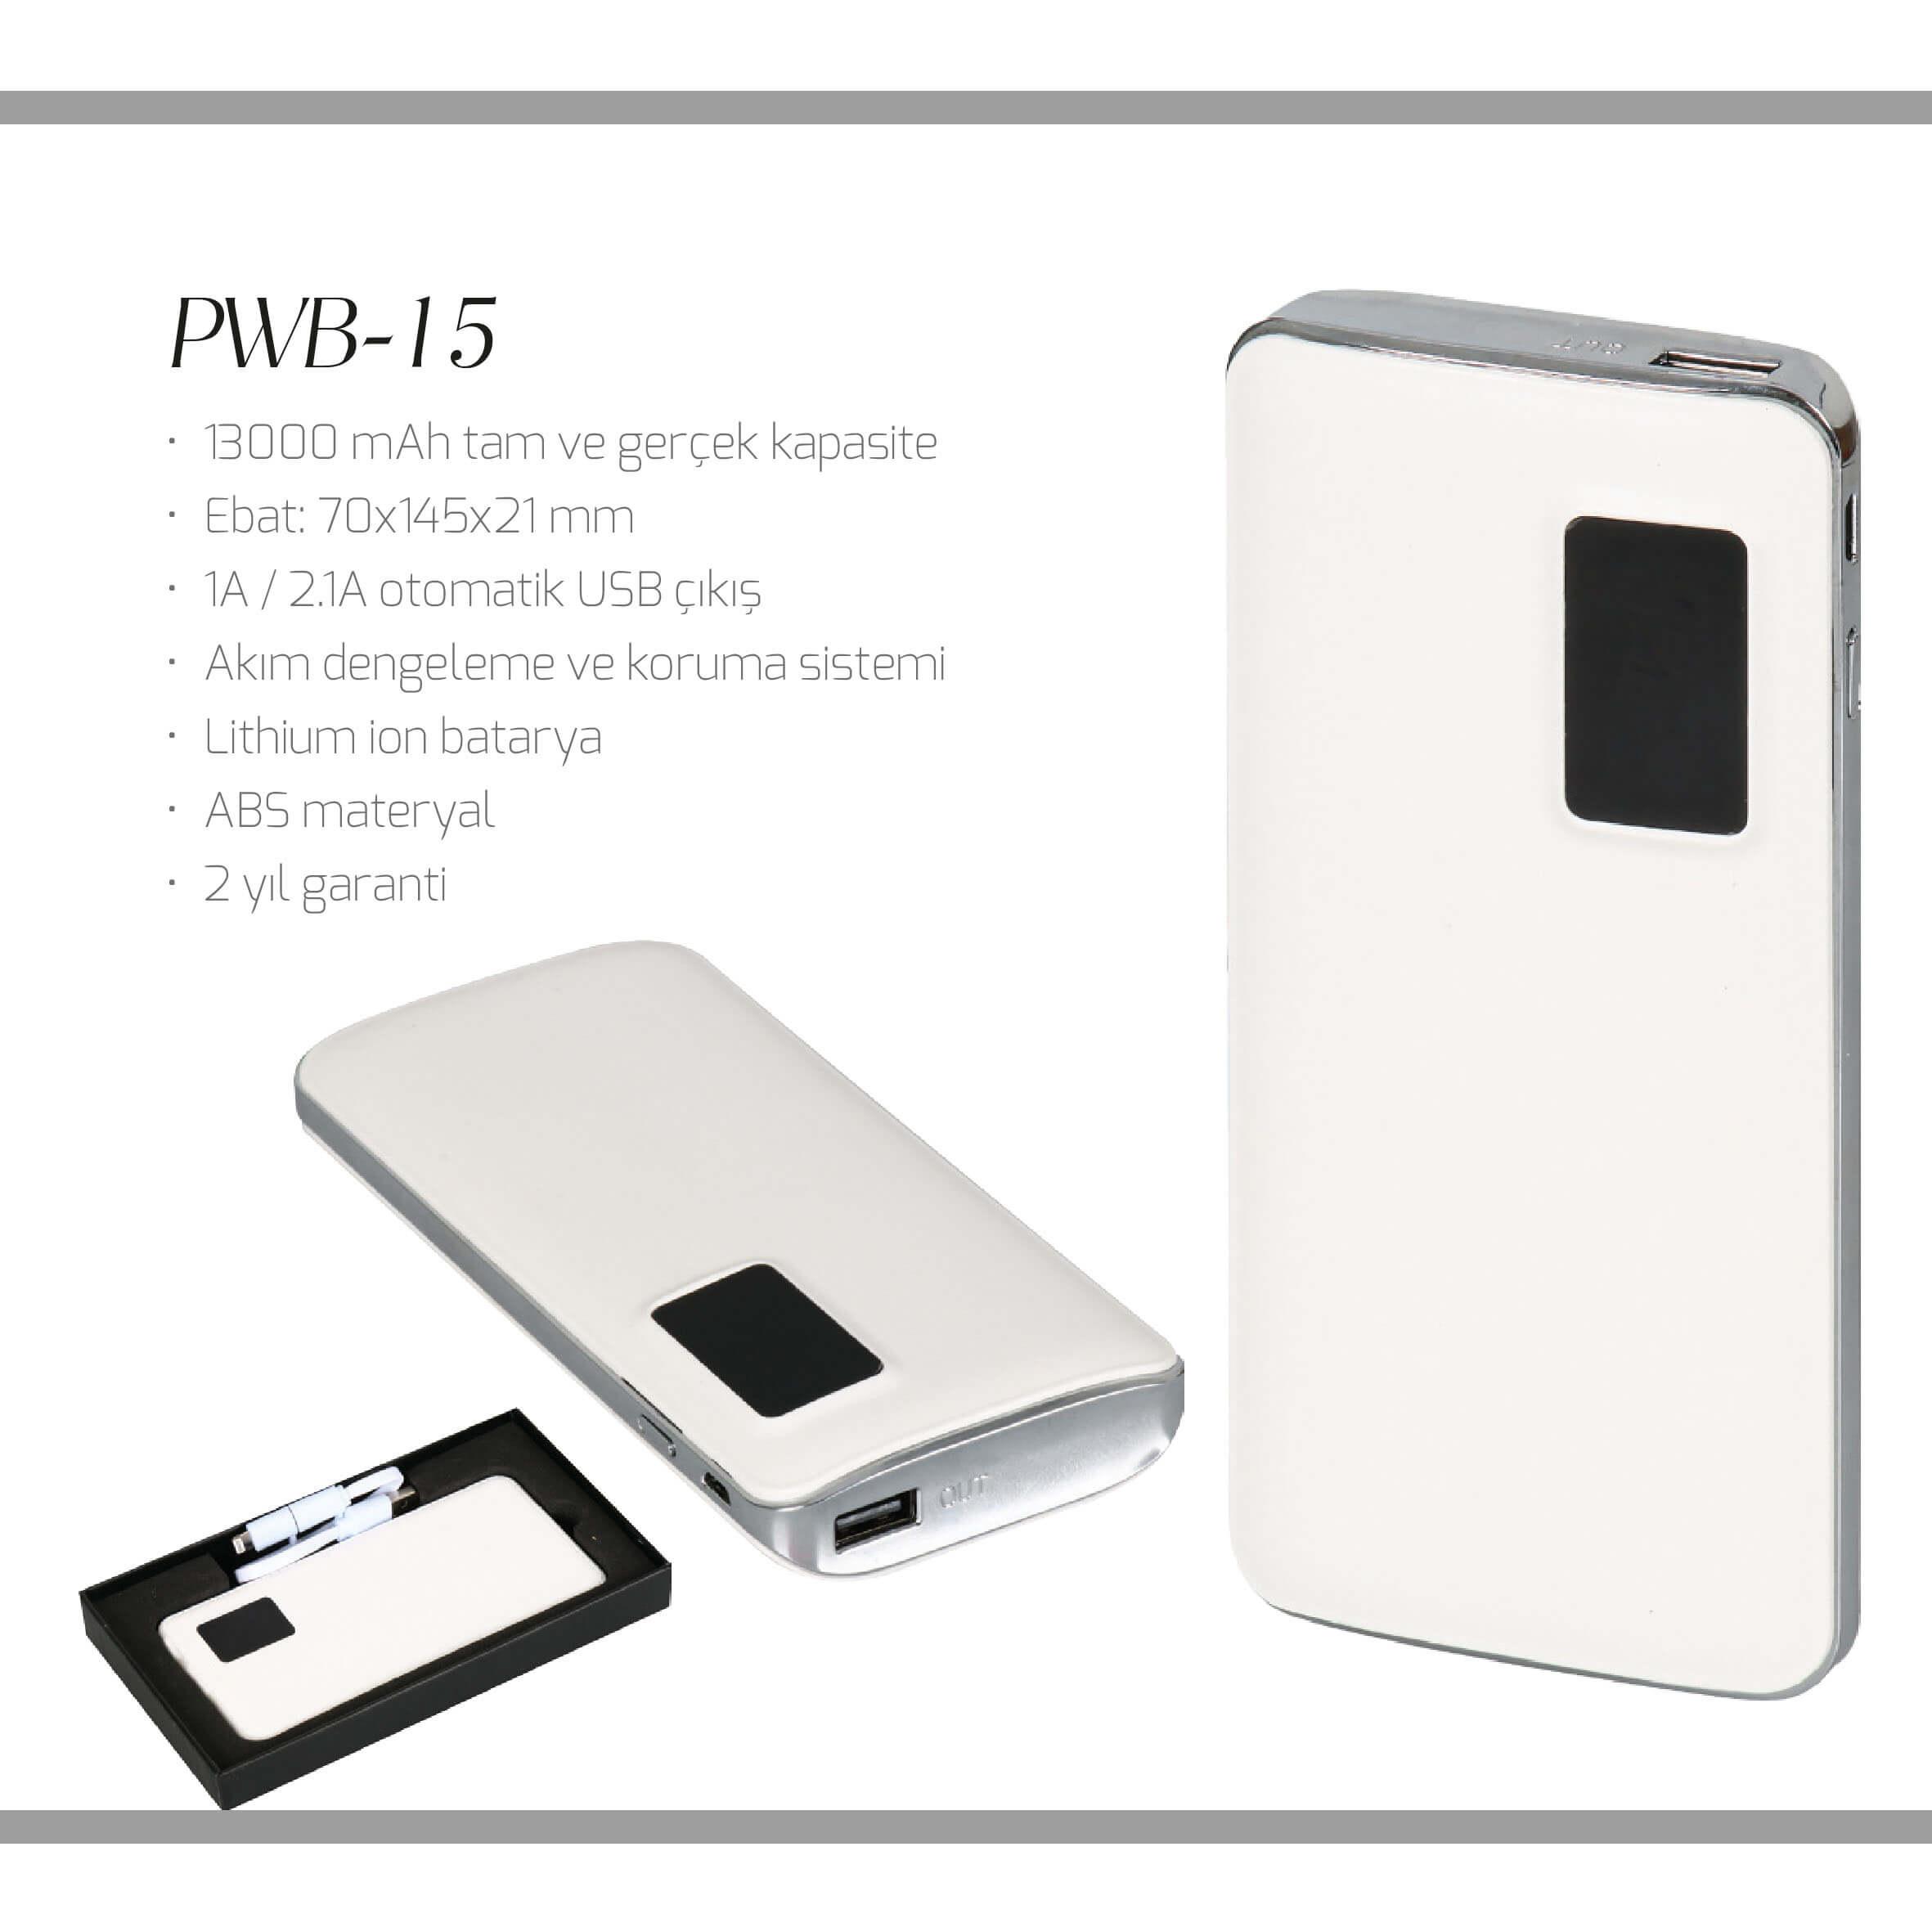 promosyon-promosyon ürünleri-powerbank-promosyon pwb-15